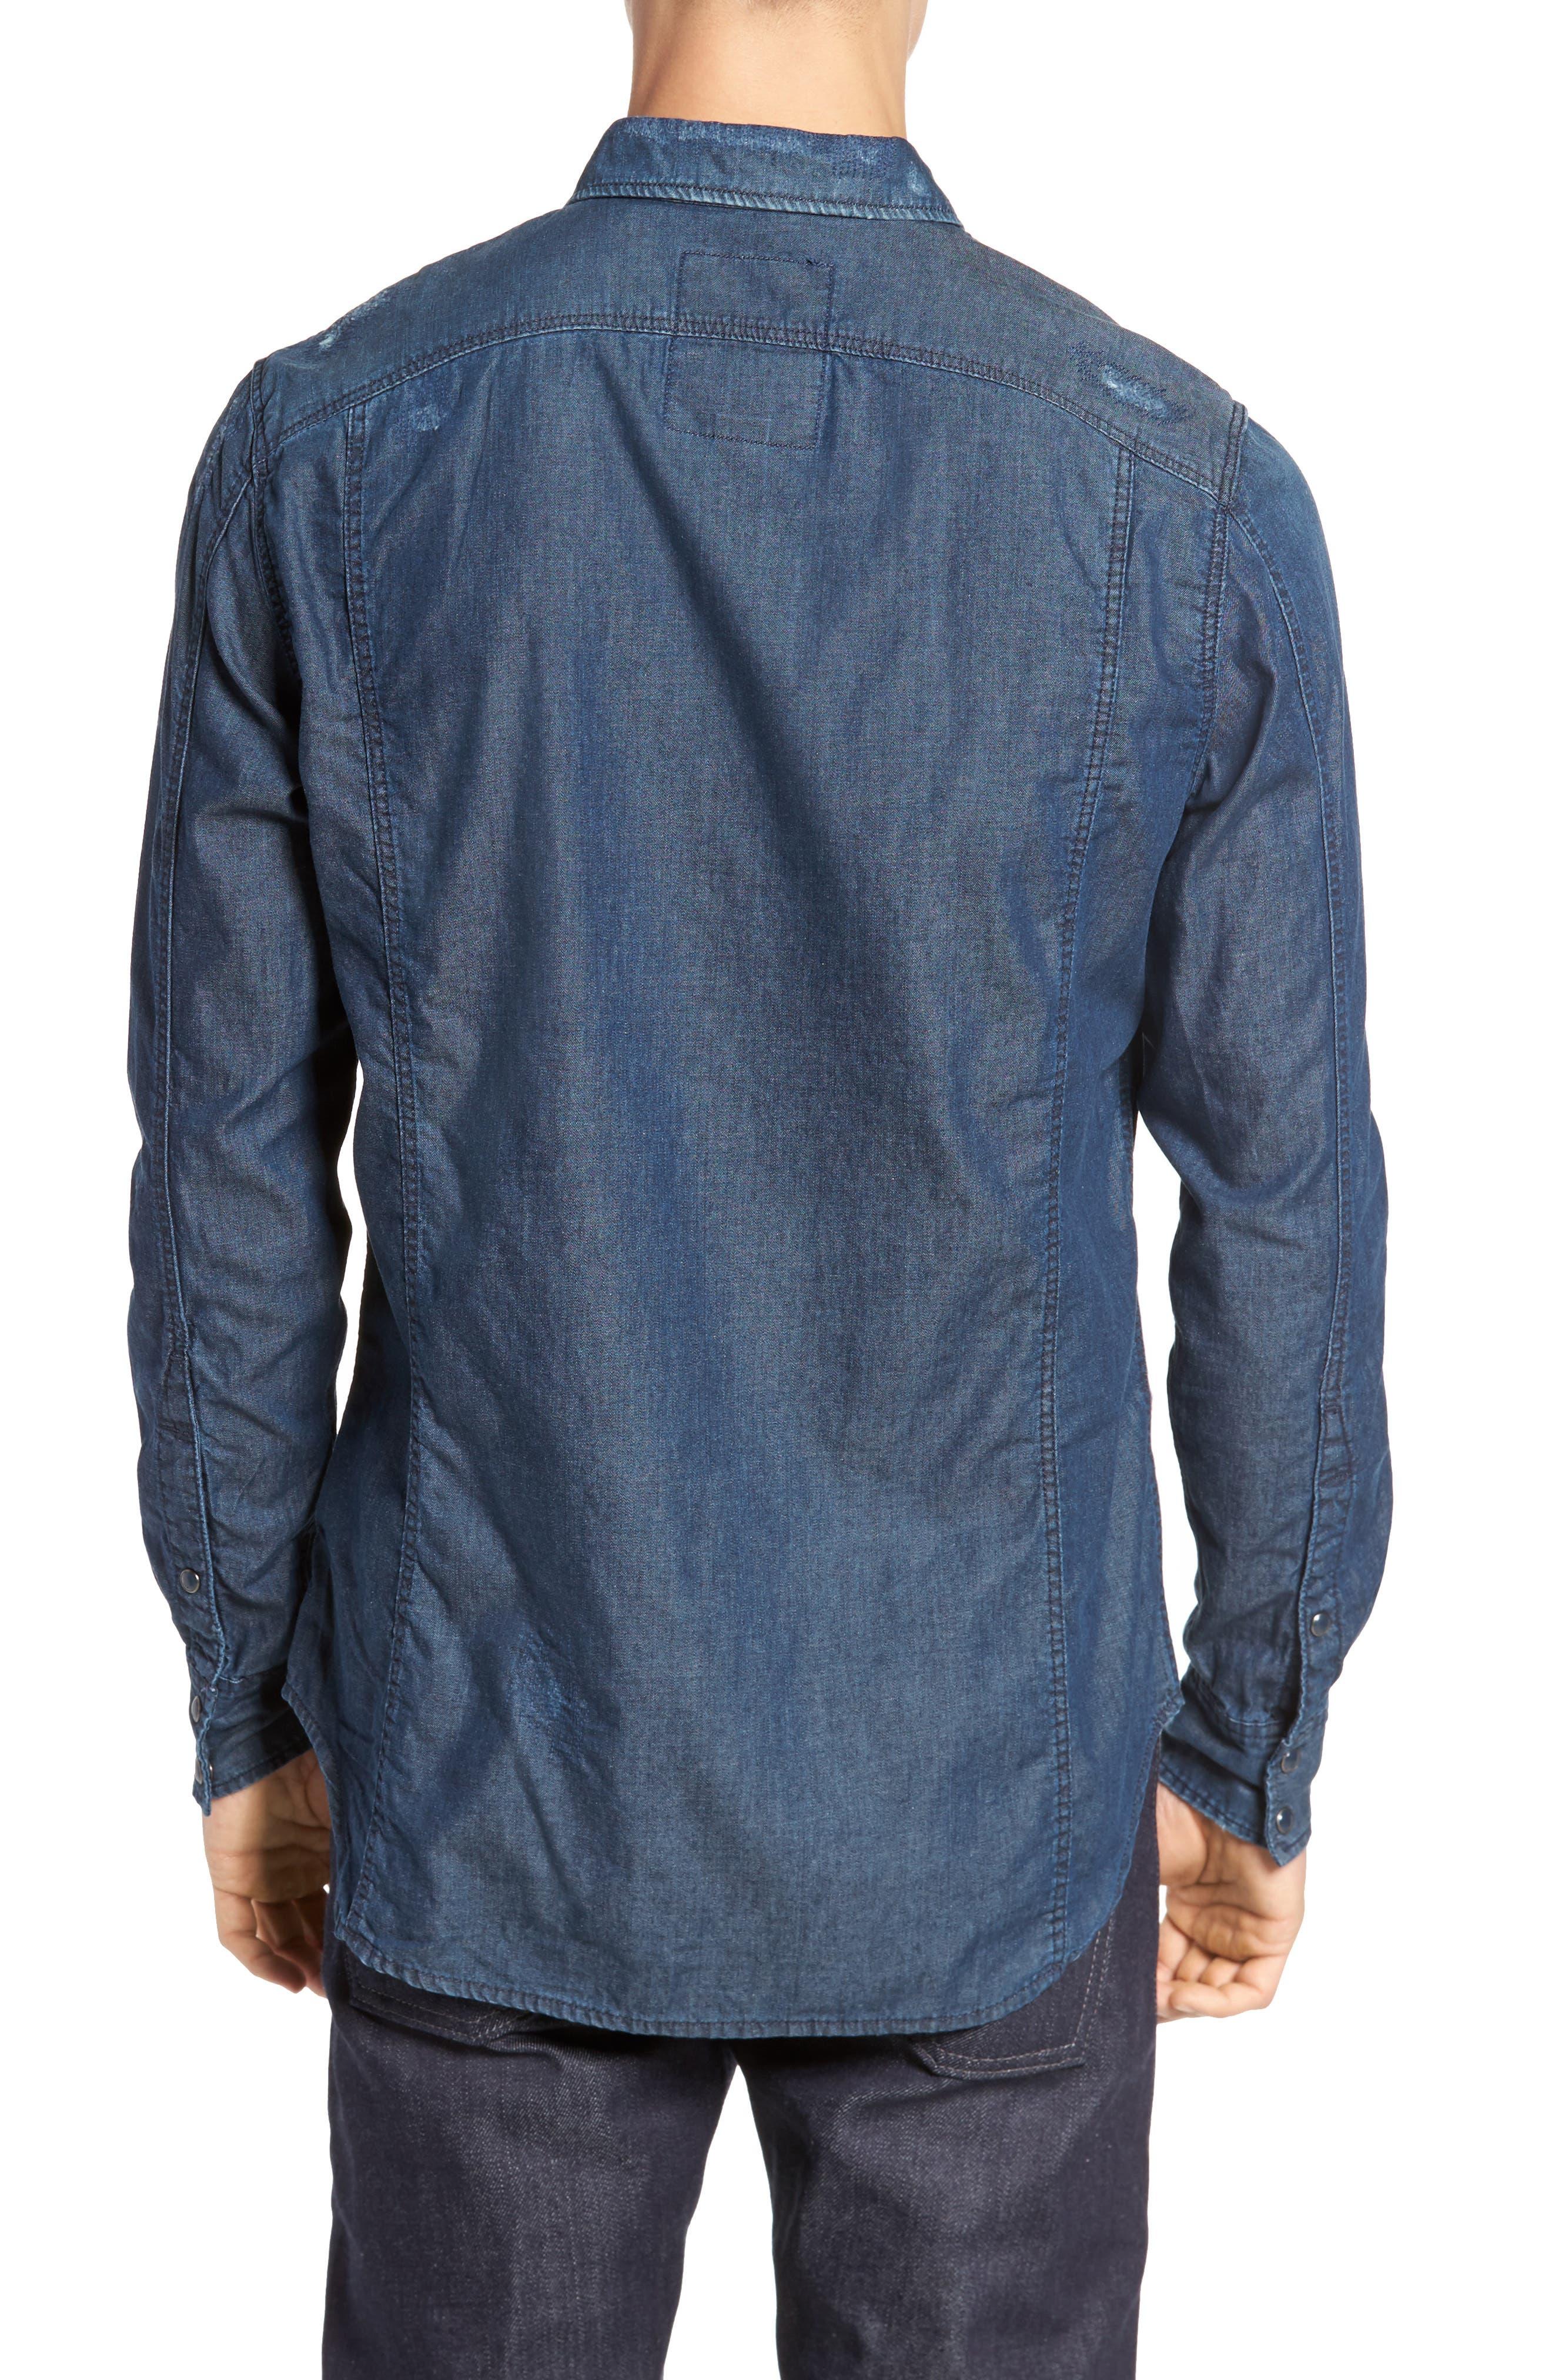 Kinney Denim Shirt,                             Alternate thumbnail 2, color,